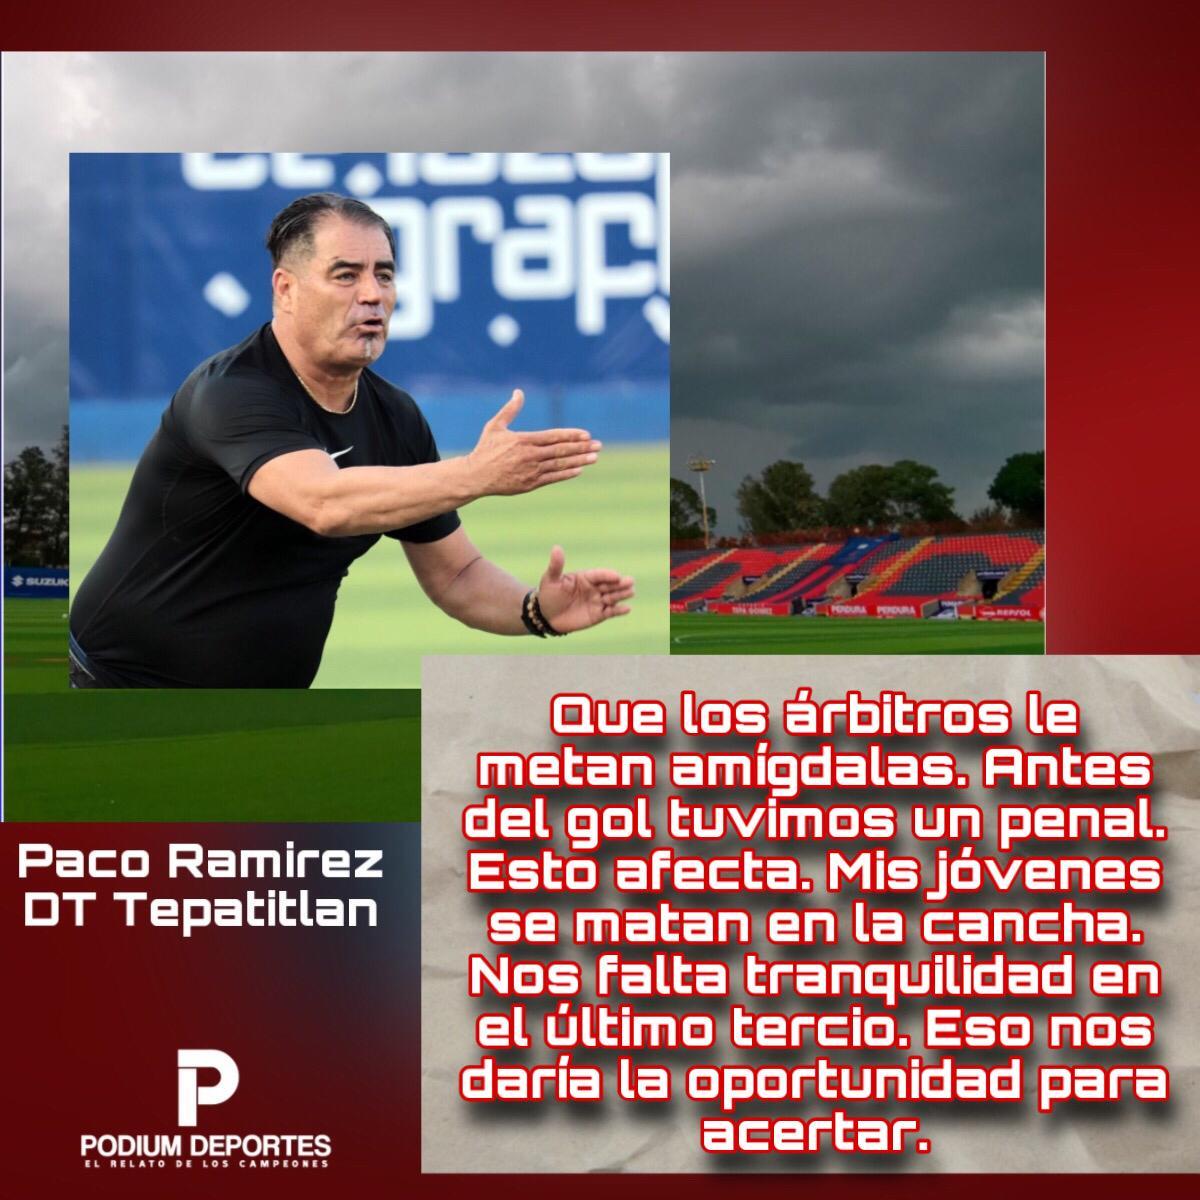 #LigaBBVAExpansionMX  Paco Ramírez, DT de #Tepatitlan, habló en #ConferenciaDePrensa, luego de la derrota ante Mineros, por la #Jornada6 del #Guard1anes2020. https://t.co/jPJs6Bitro